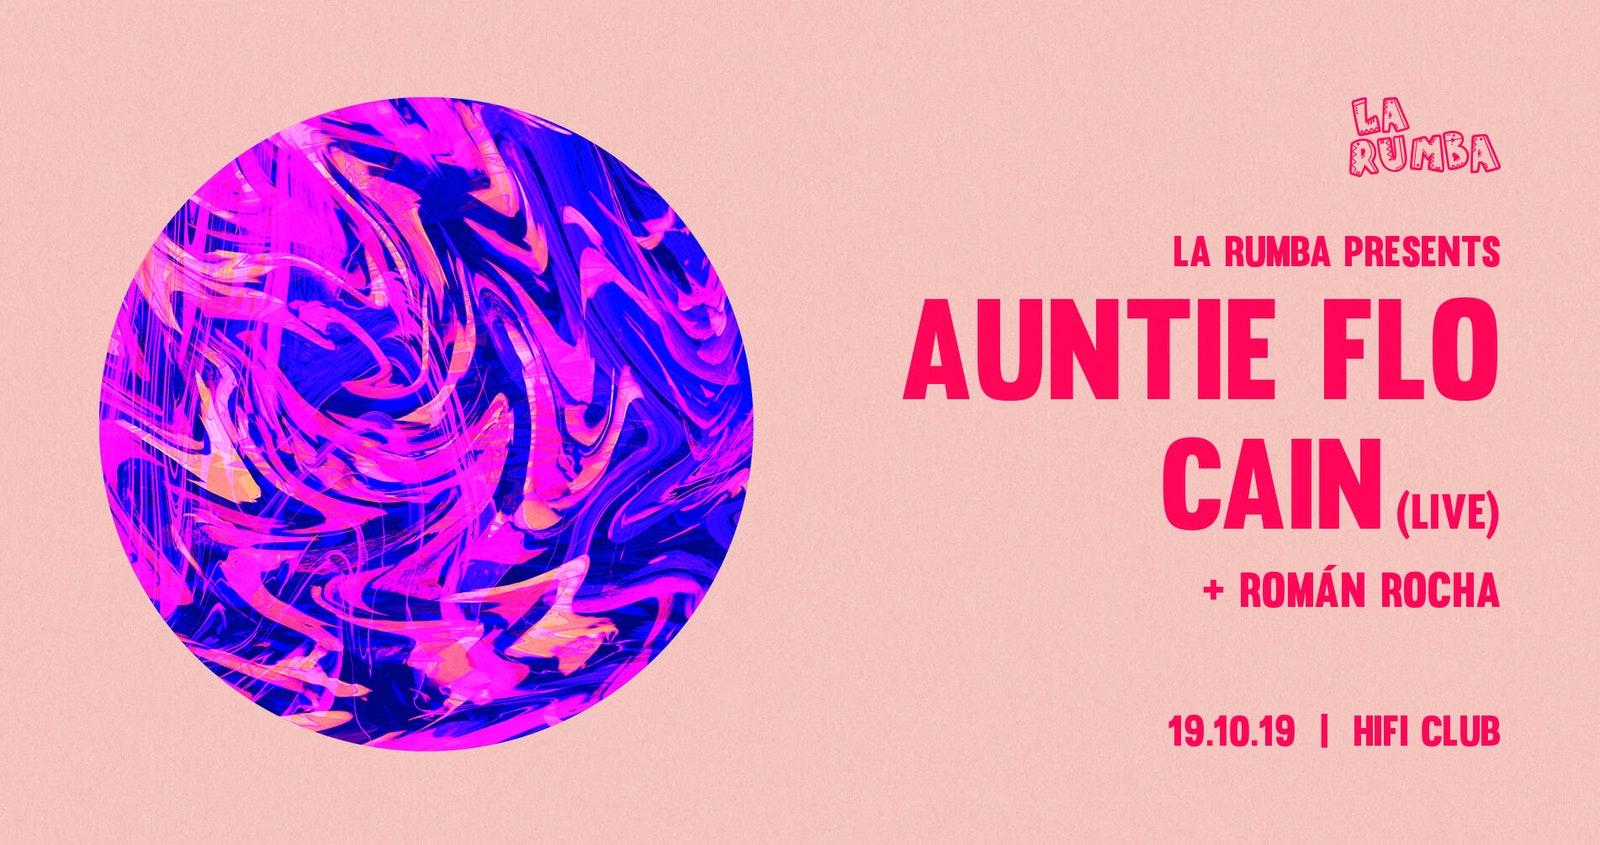 La Rumba: Auntie Flo, CAIN (Live)